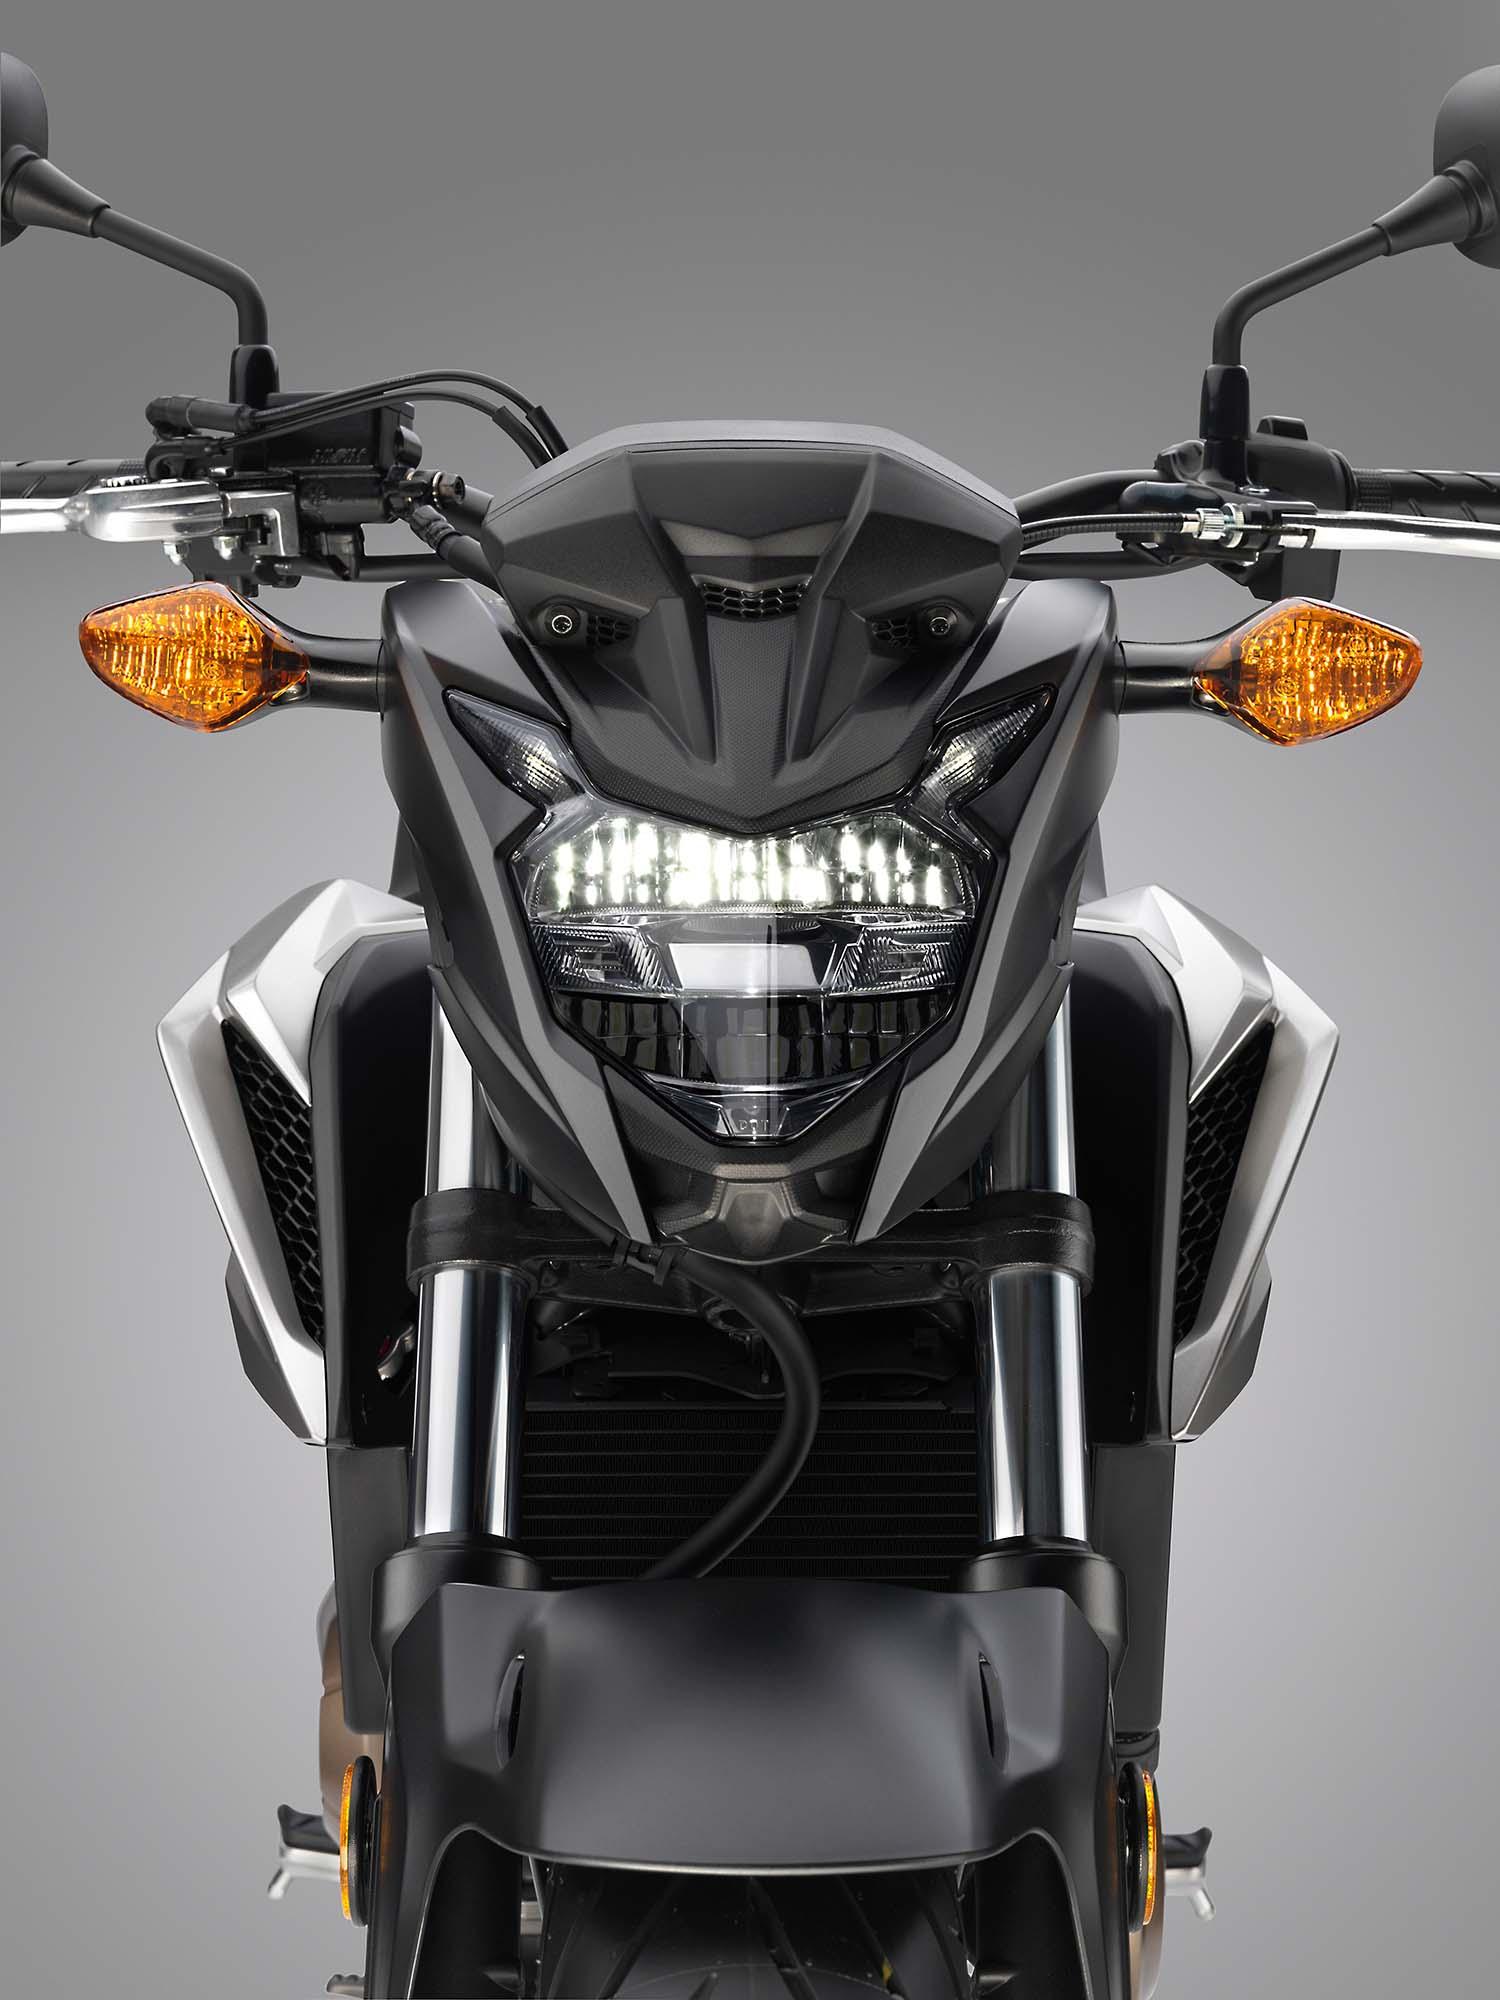 2016 Honda CB500F Gets Much-Need Facelift